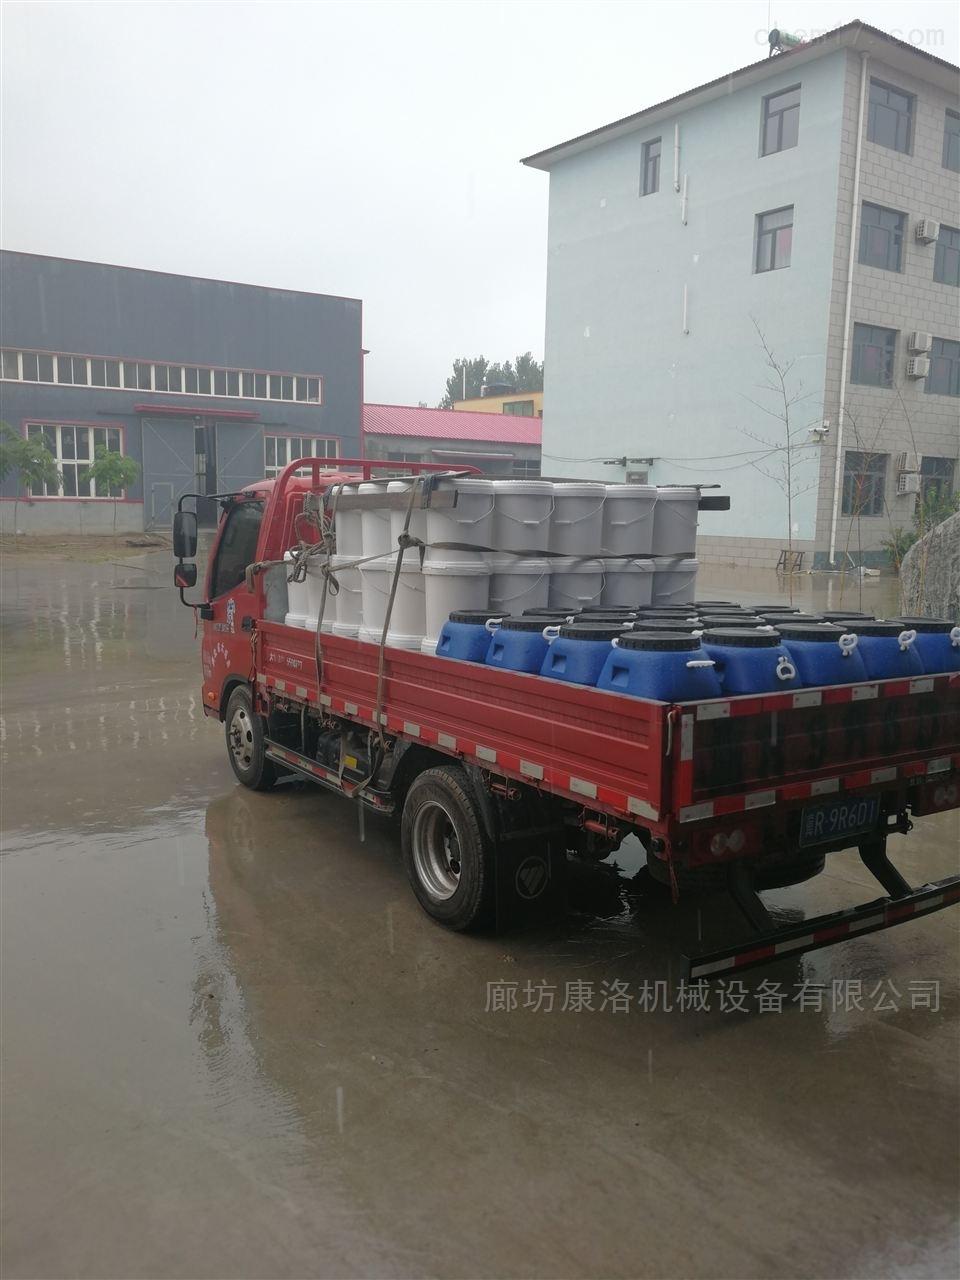 硅质保温板增强剂添加用量配比